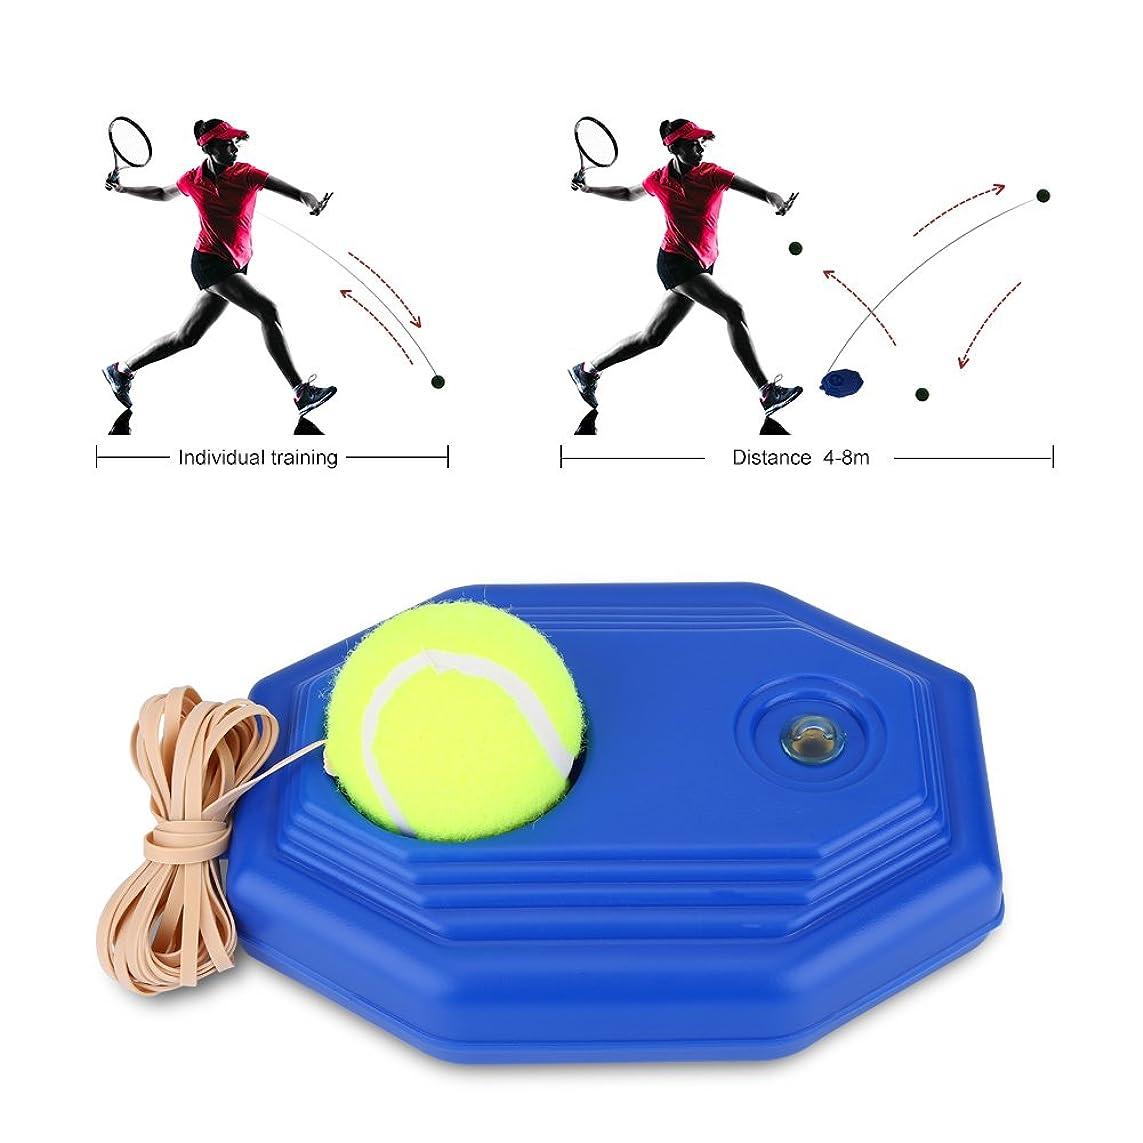 生産的ピース水素テニストレーナー、テニストレーニングベースwithボール文字列独習リバウンドボールwithトレーニングベースボードキッズ用、初心者